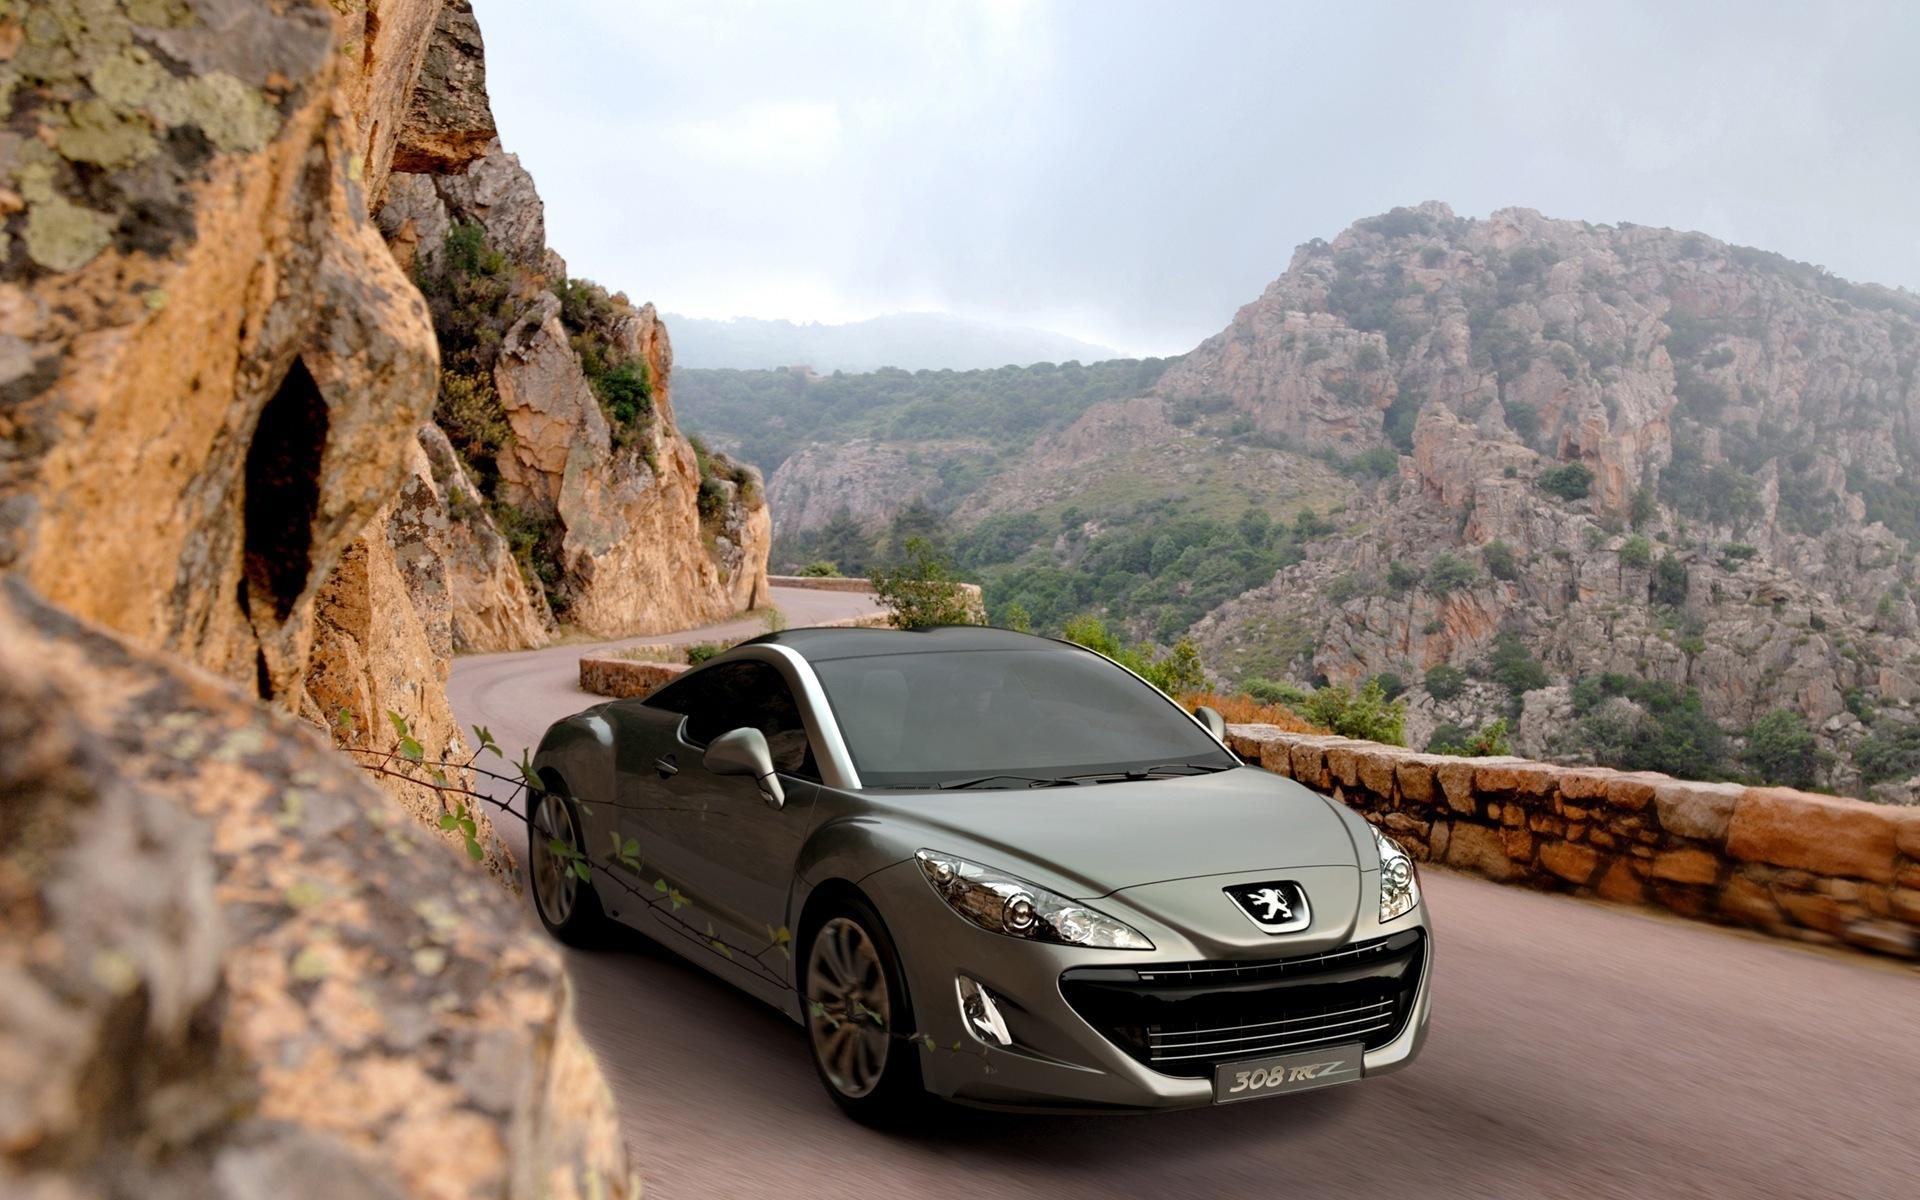 41081 скачать обои Транспорт, Машины, Пежо (Peugeot) - заставки и картинки бесплатно